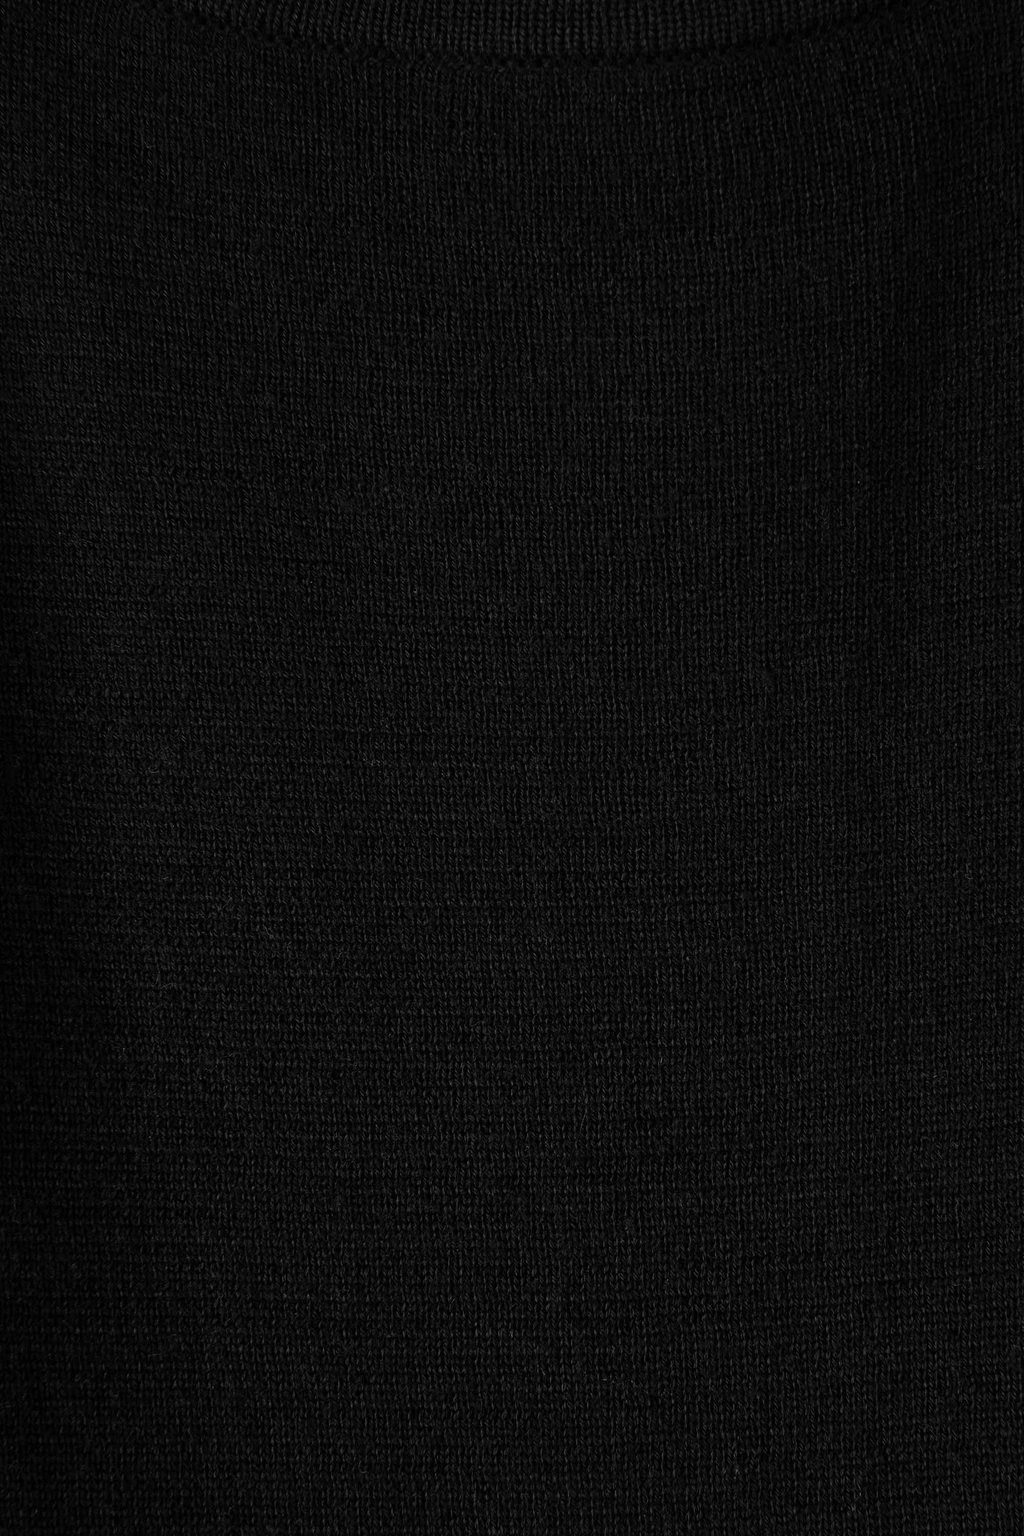 Jumpsuit 19642019 Black 13